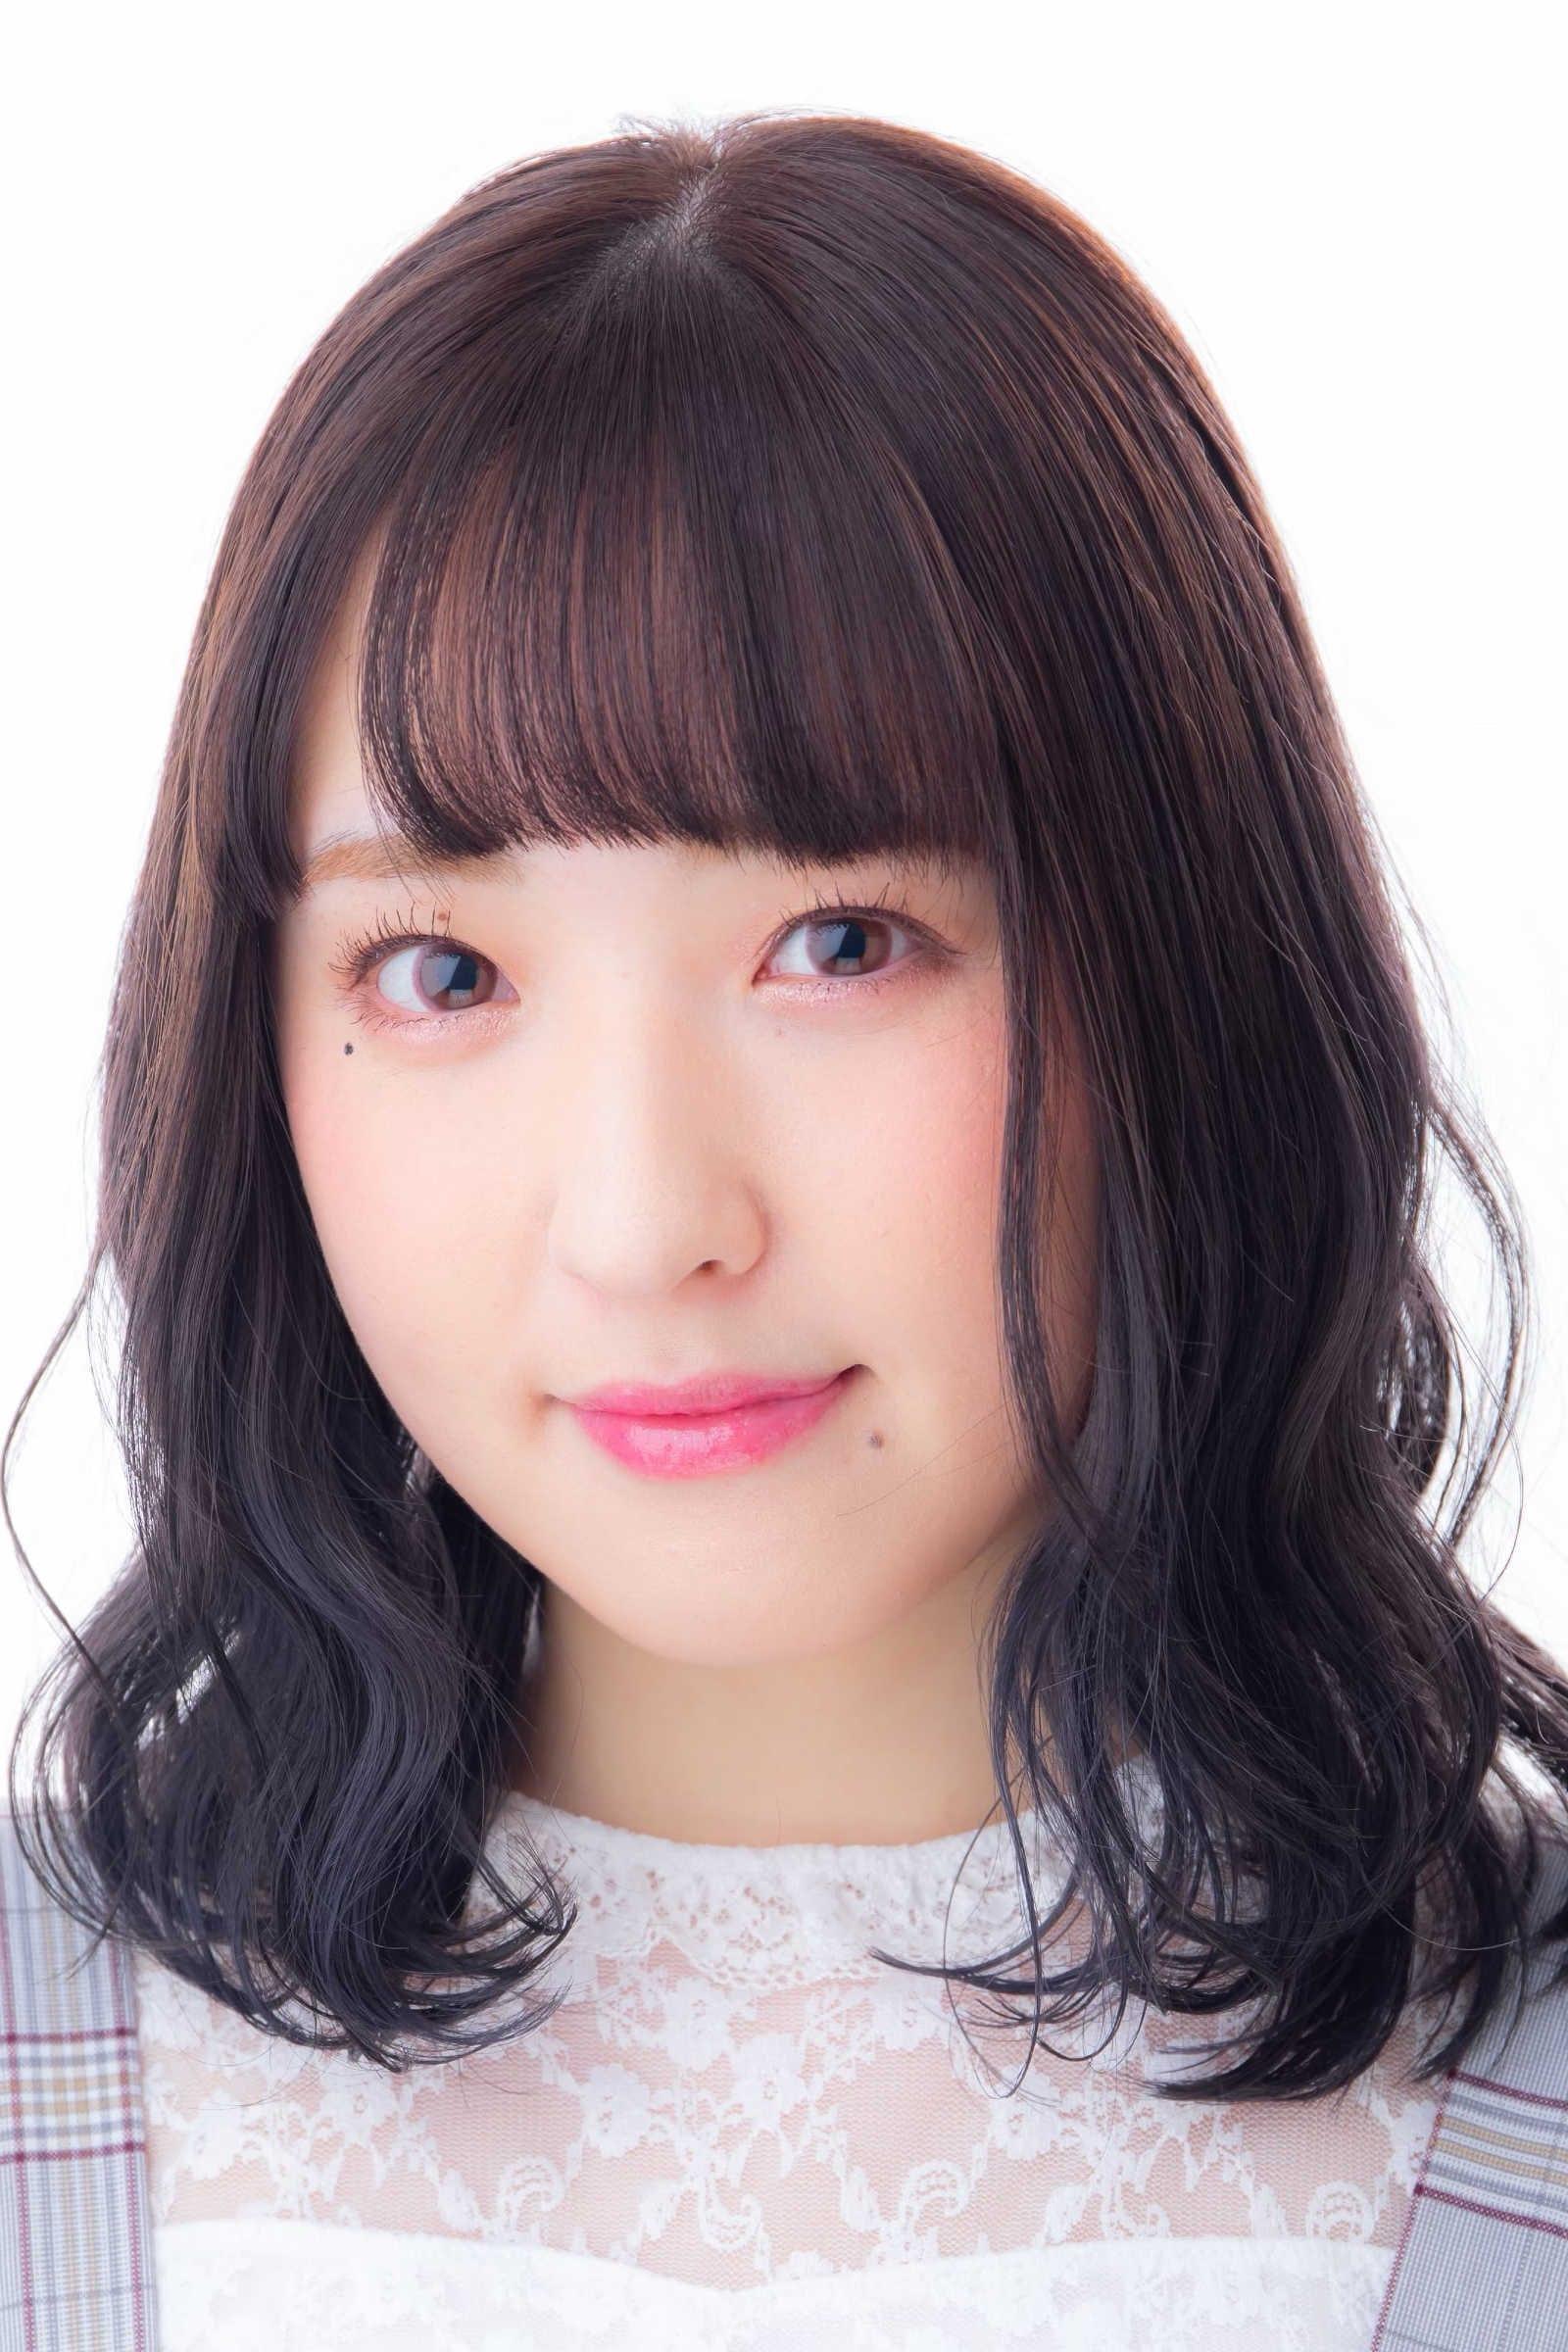 Yuna Taniguchi